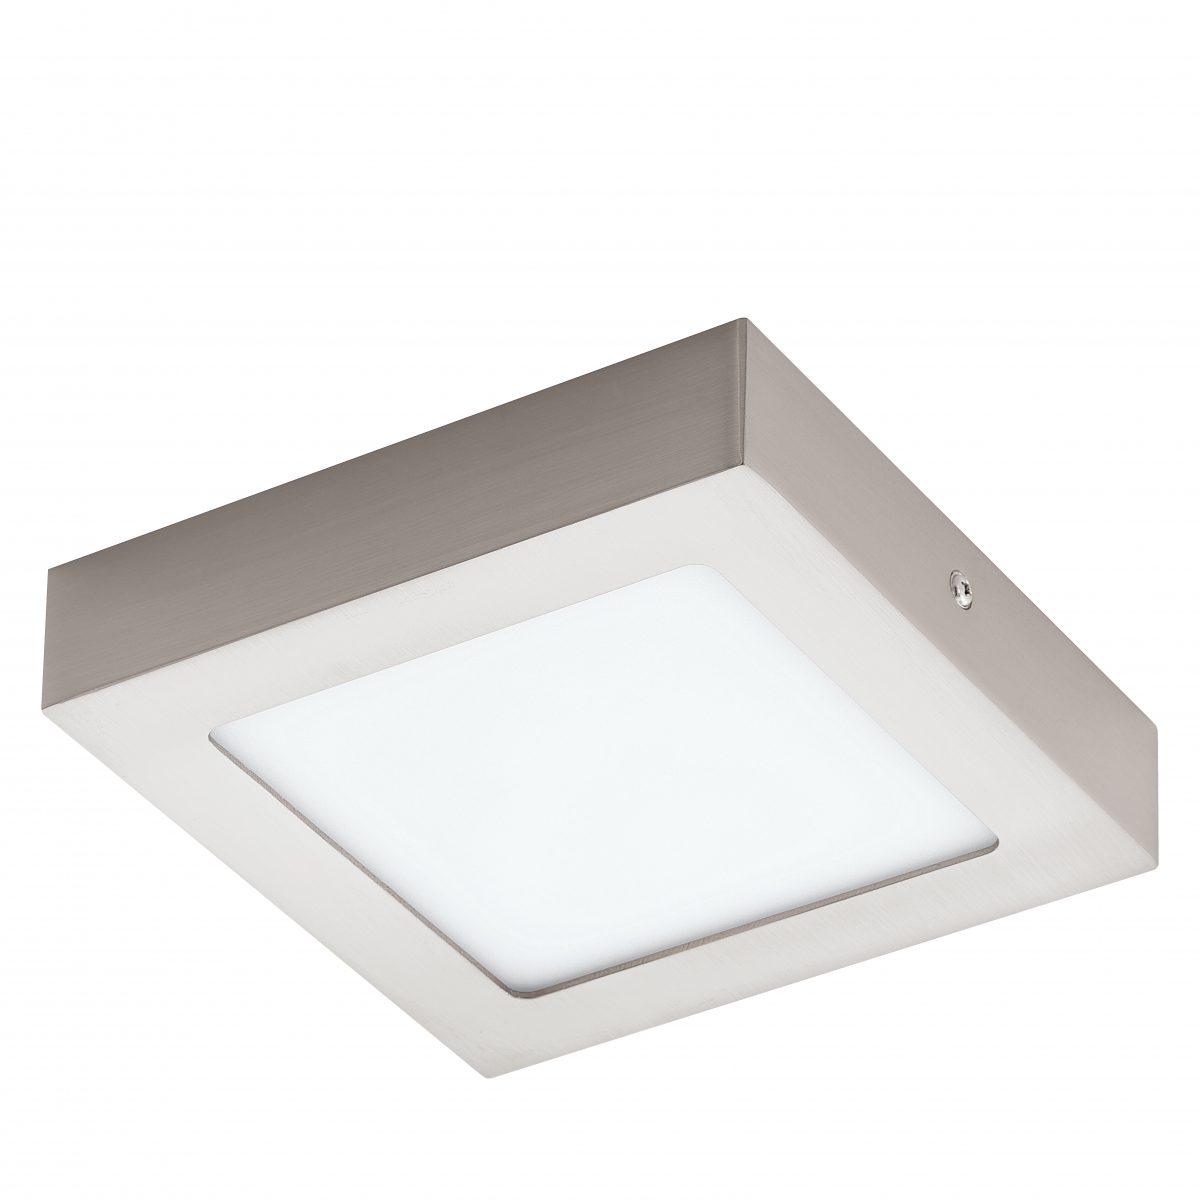 Светильник настенно-потолочный FUEVA 1 EGLO 94524 - Фото №28